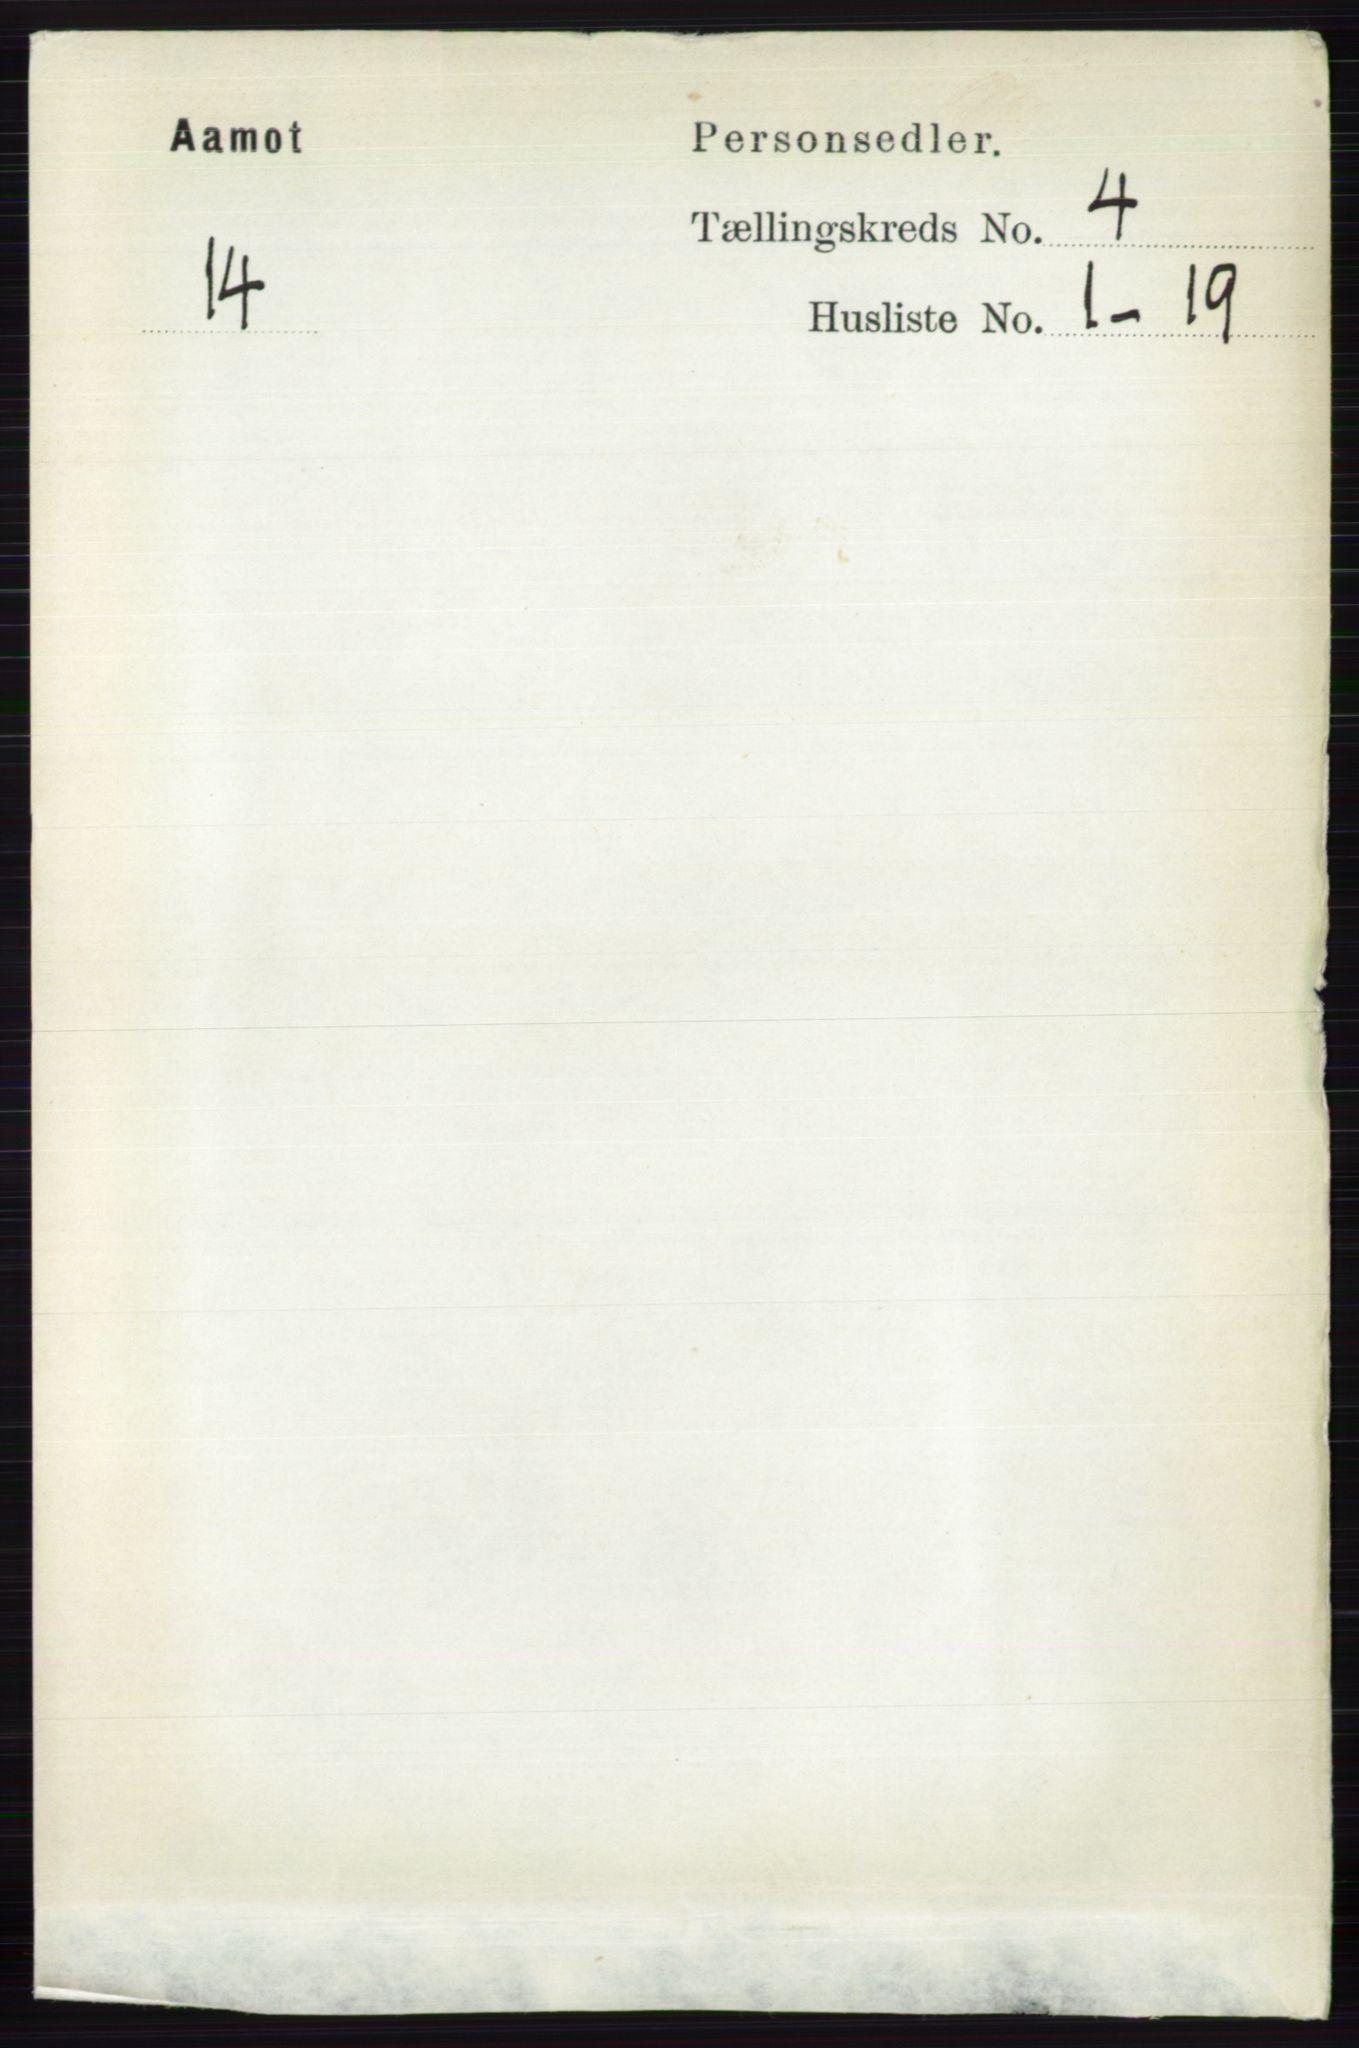 RA, Folketelling 1891 for 0429 Åmot herred, 1891, s. 2121